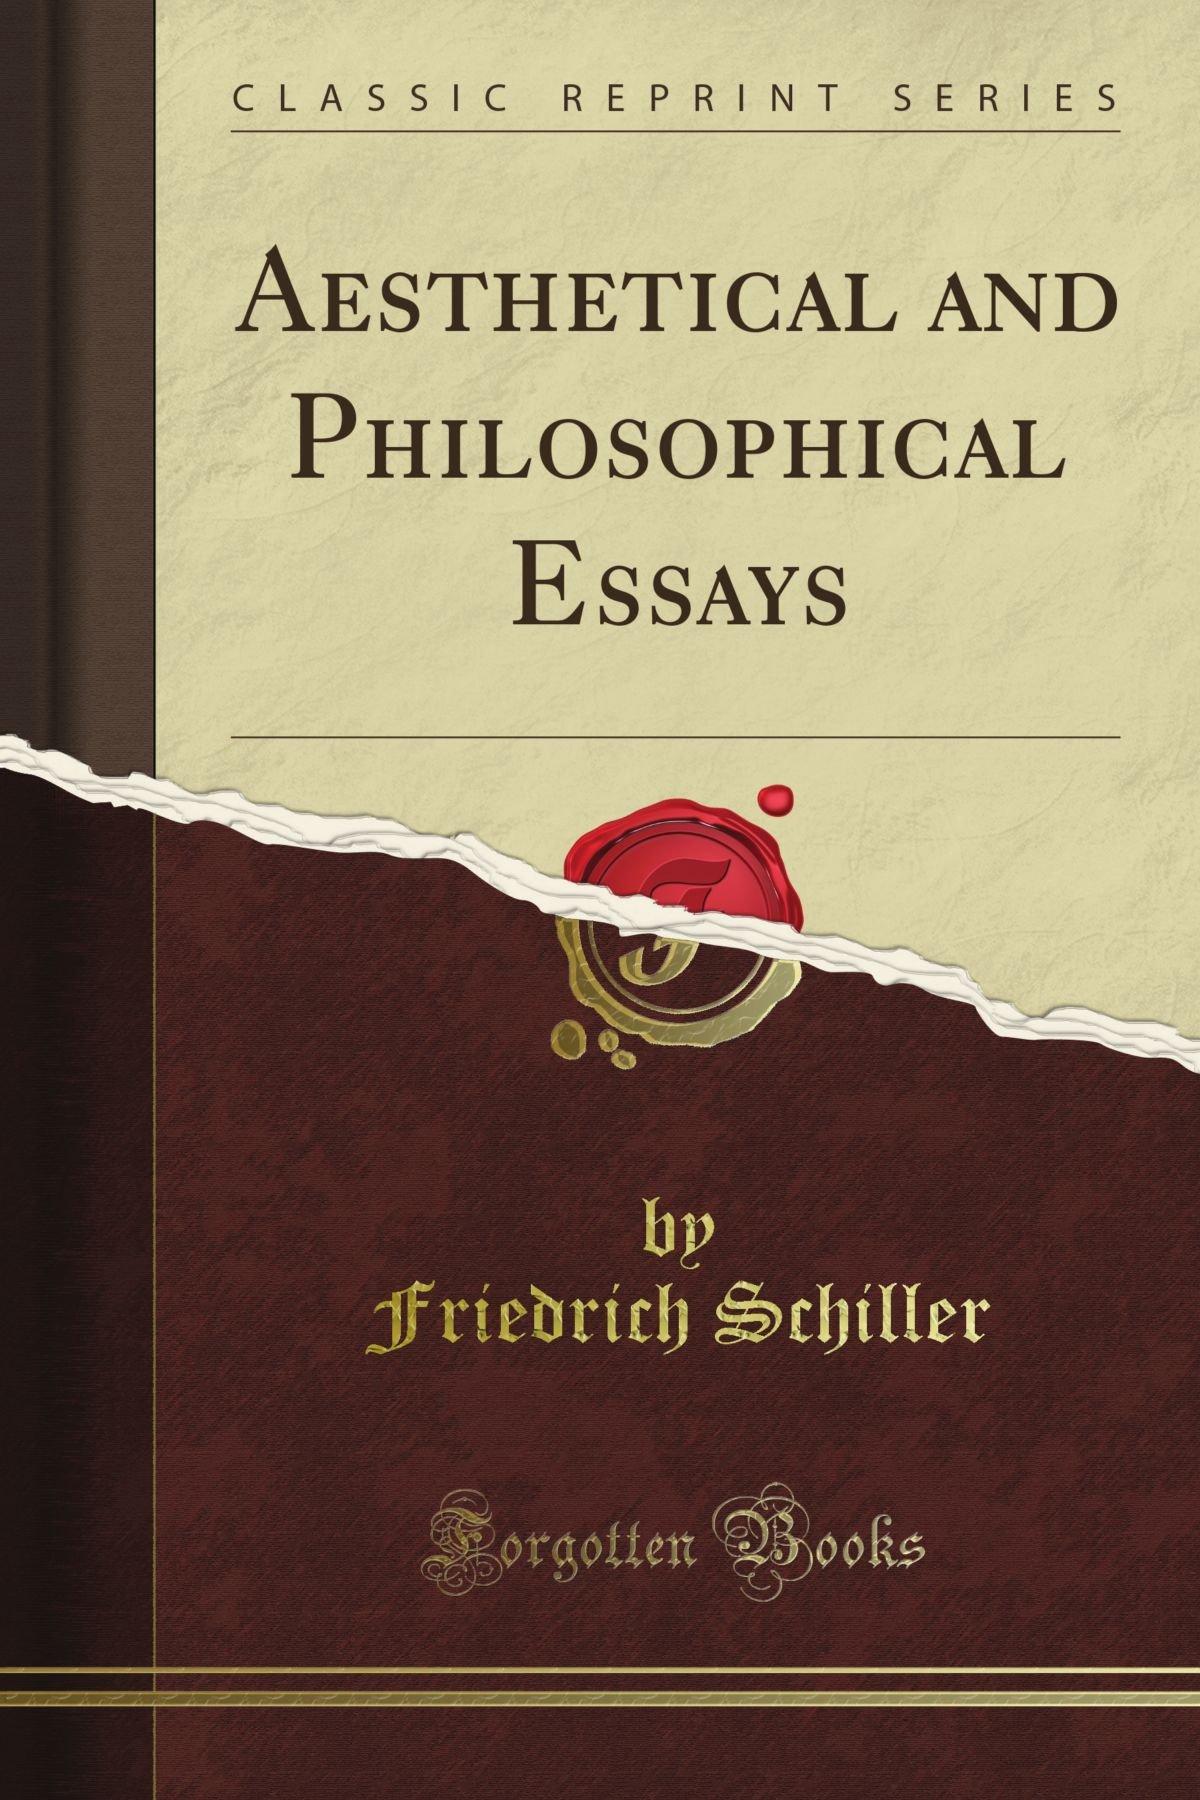 003 81x1hm6n5ol Essay Example Schiller Awful Essays Friedrich Full